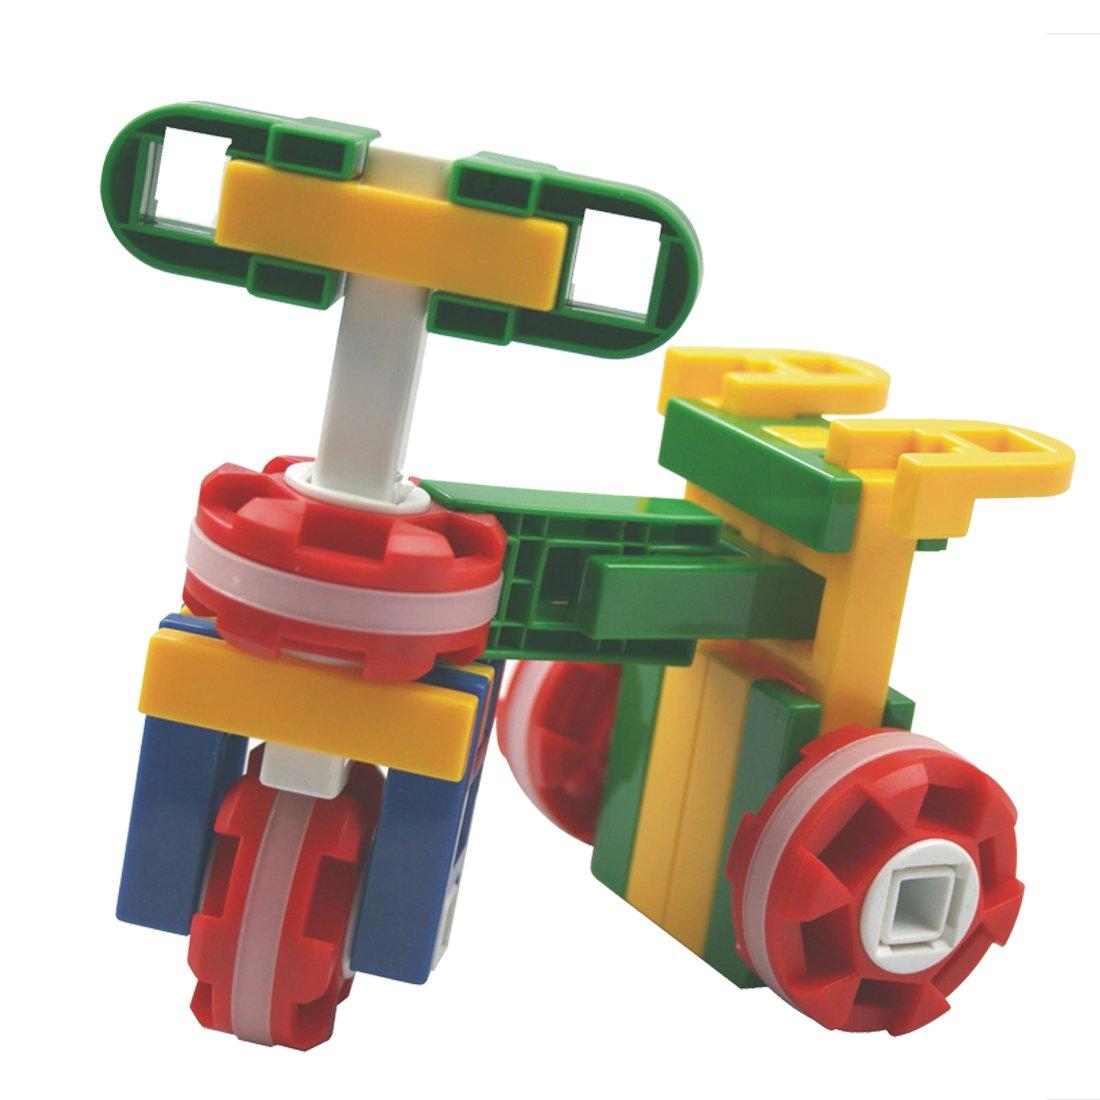 儿童益智力乐高积木拼装玩具车船飞机塑料拼插大颗粒